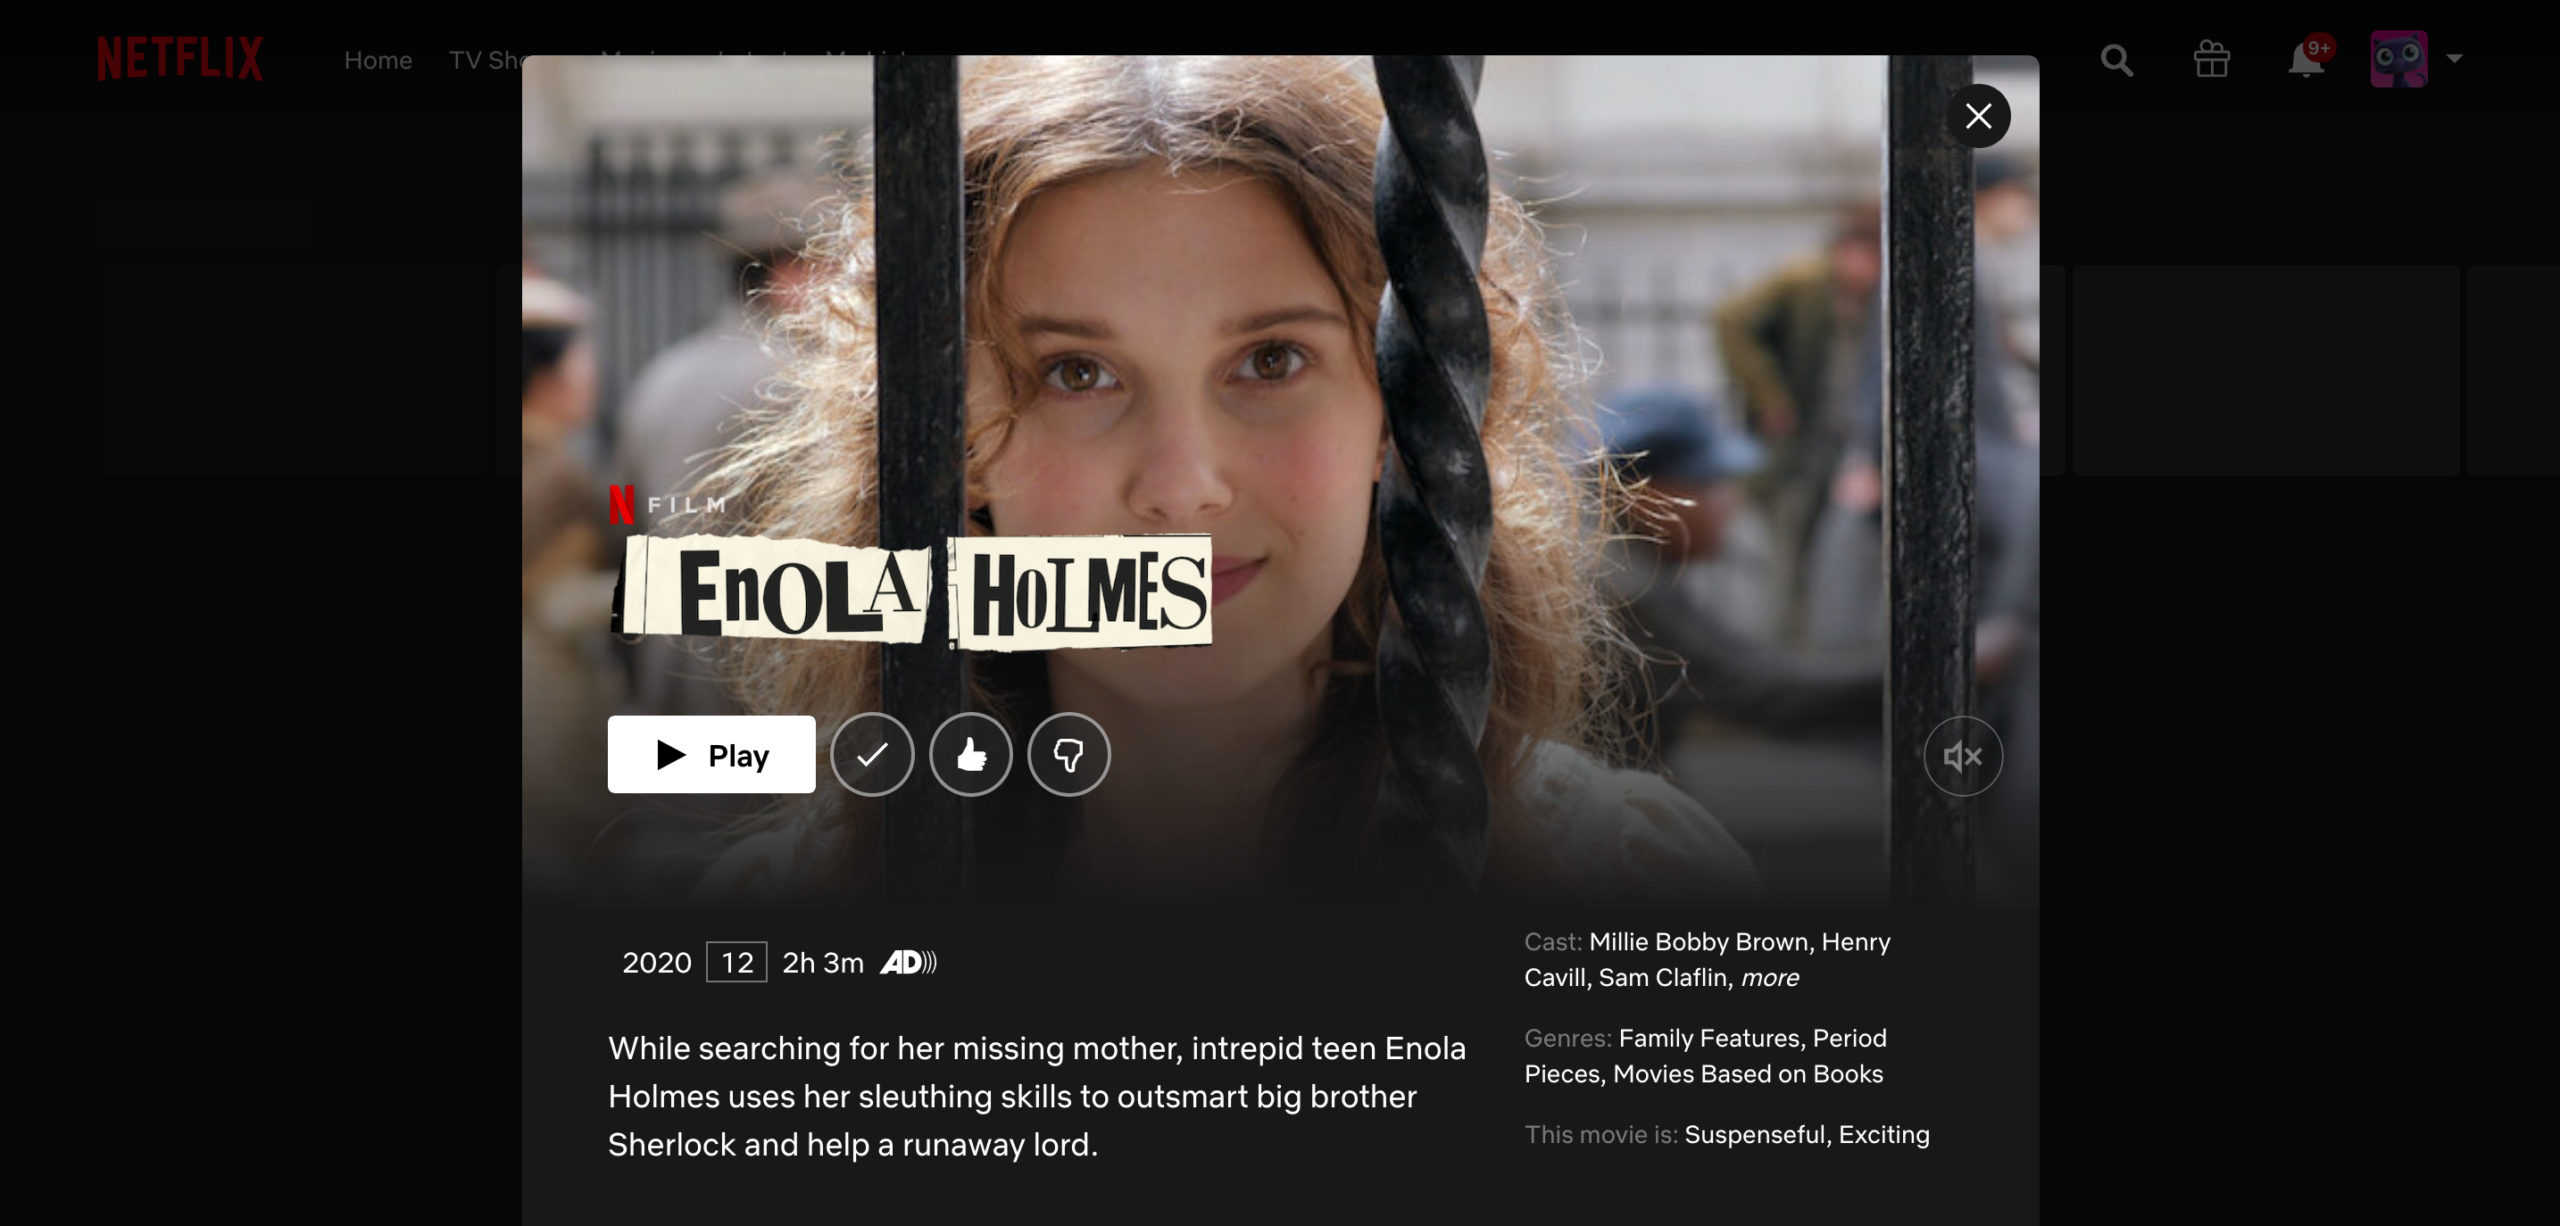 Screenshot der Enola Holmes Netflix Page | https://www.netflix.com/title/81277950